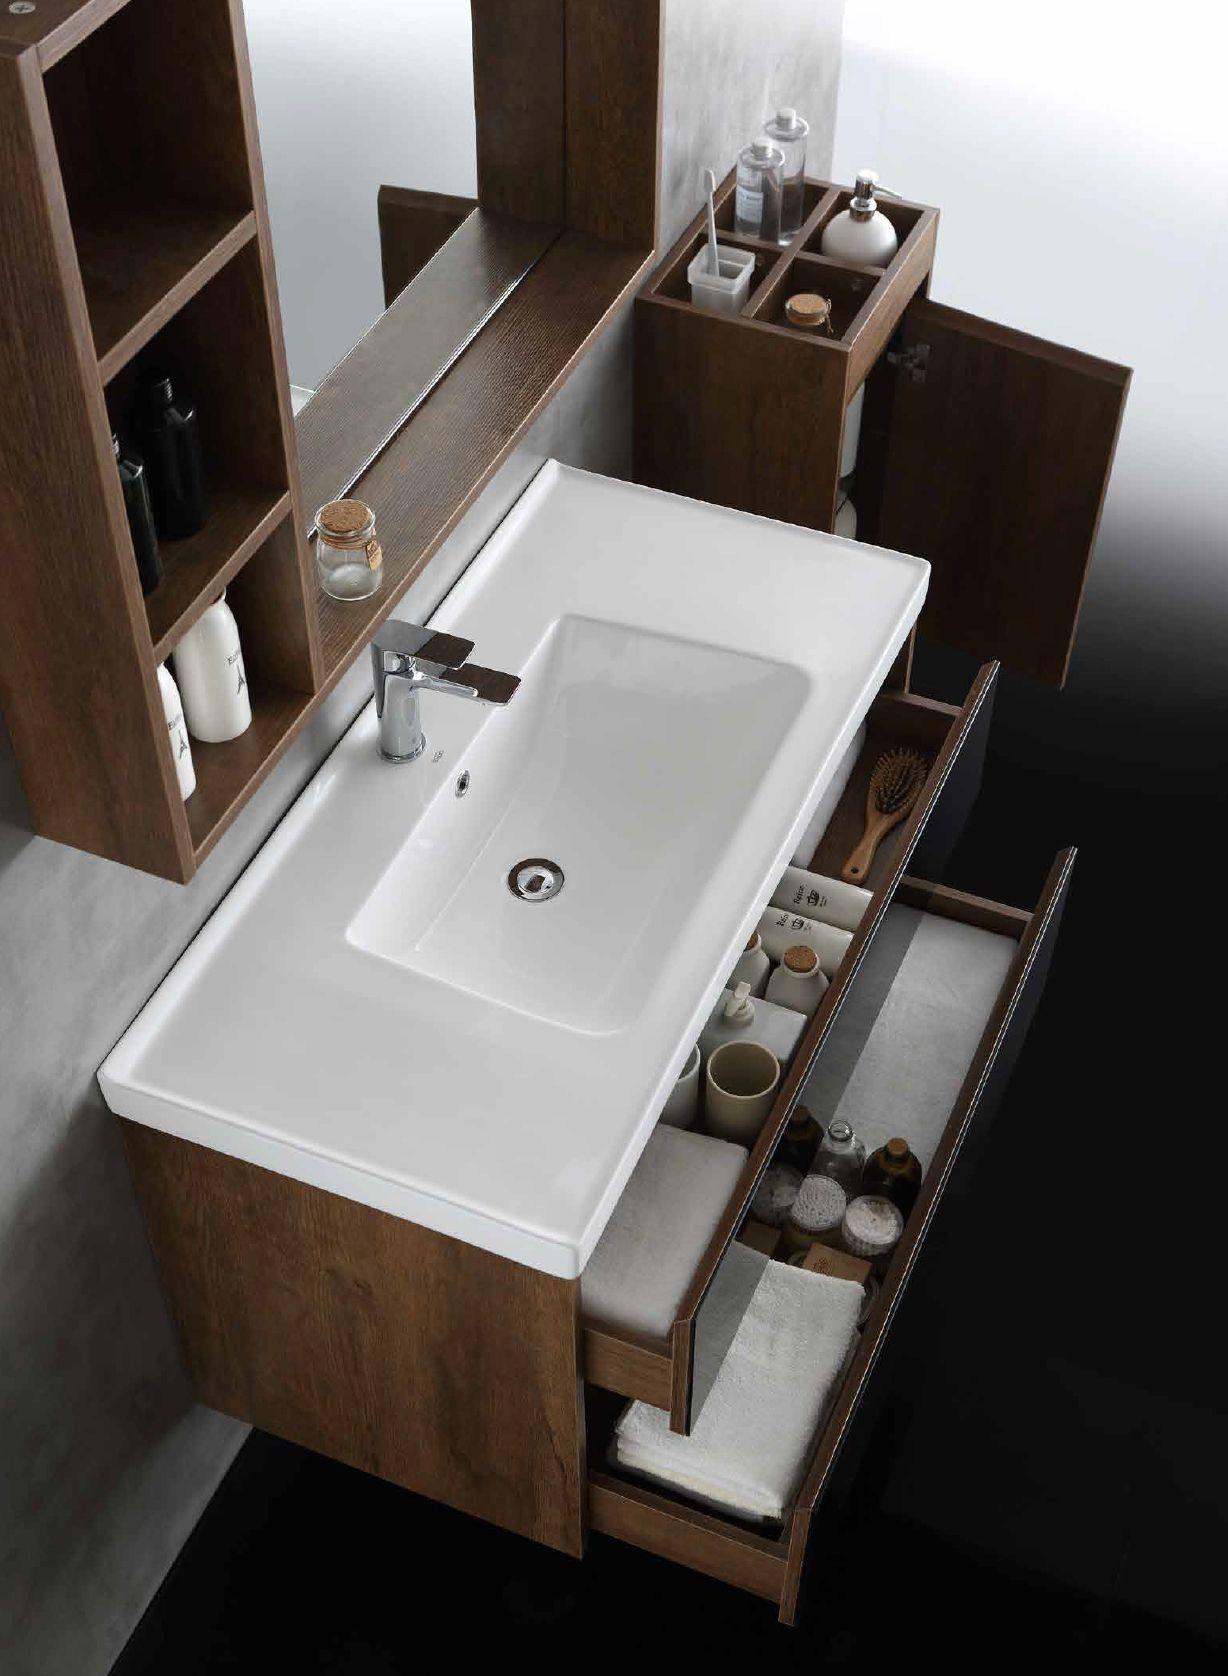 水鹿卫浴-洗面-浴室柜-水鹿精选浴室柜1608-3(不含龙头和下水,备注好交期)